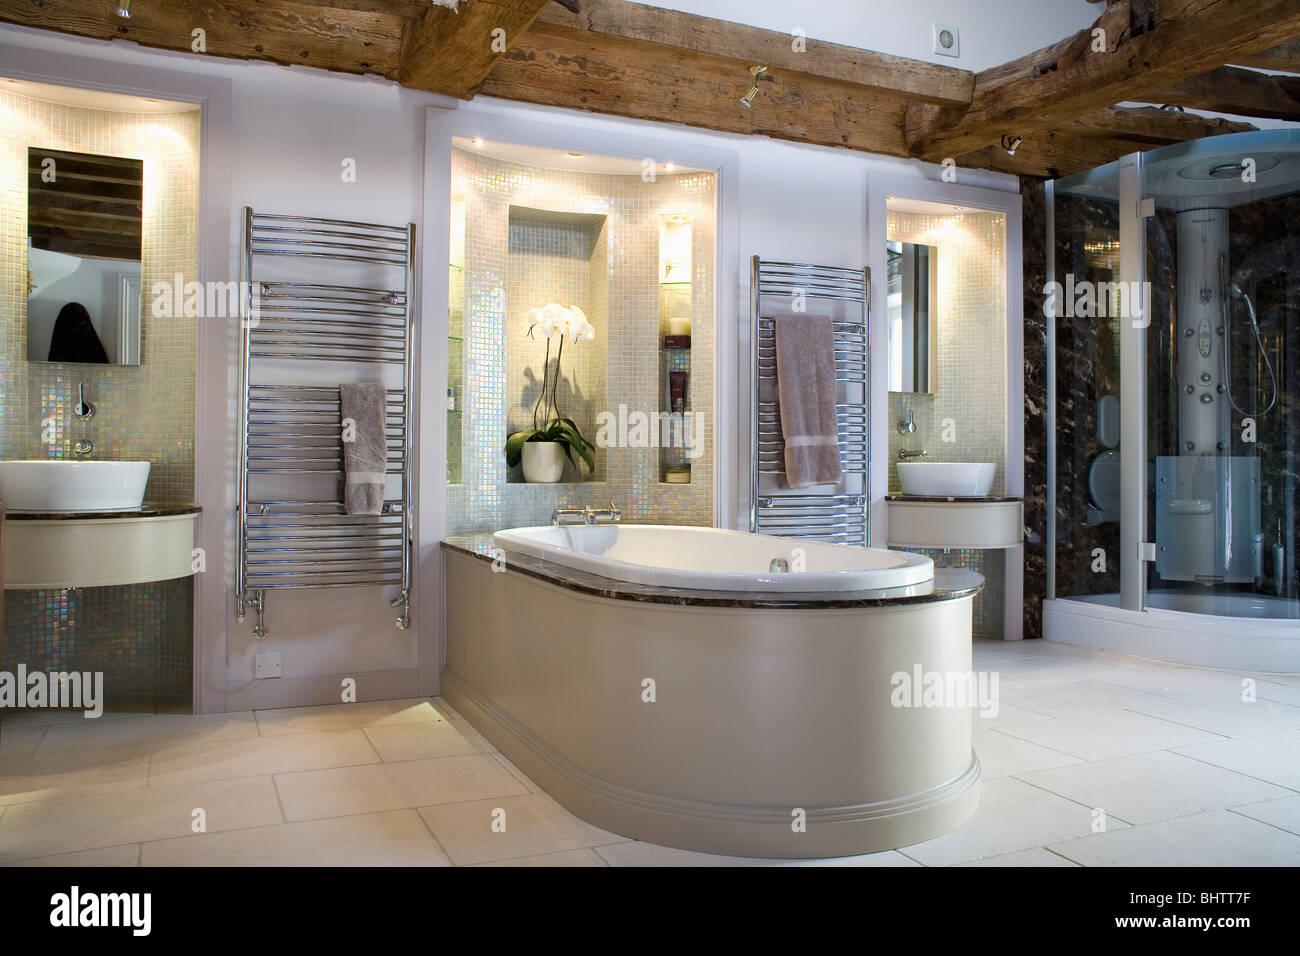 Becken In Beleuchtete Nischen Im Modernen Badezimmer Mit Bad Bis Ins Zimmer